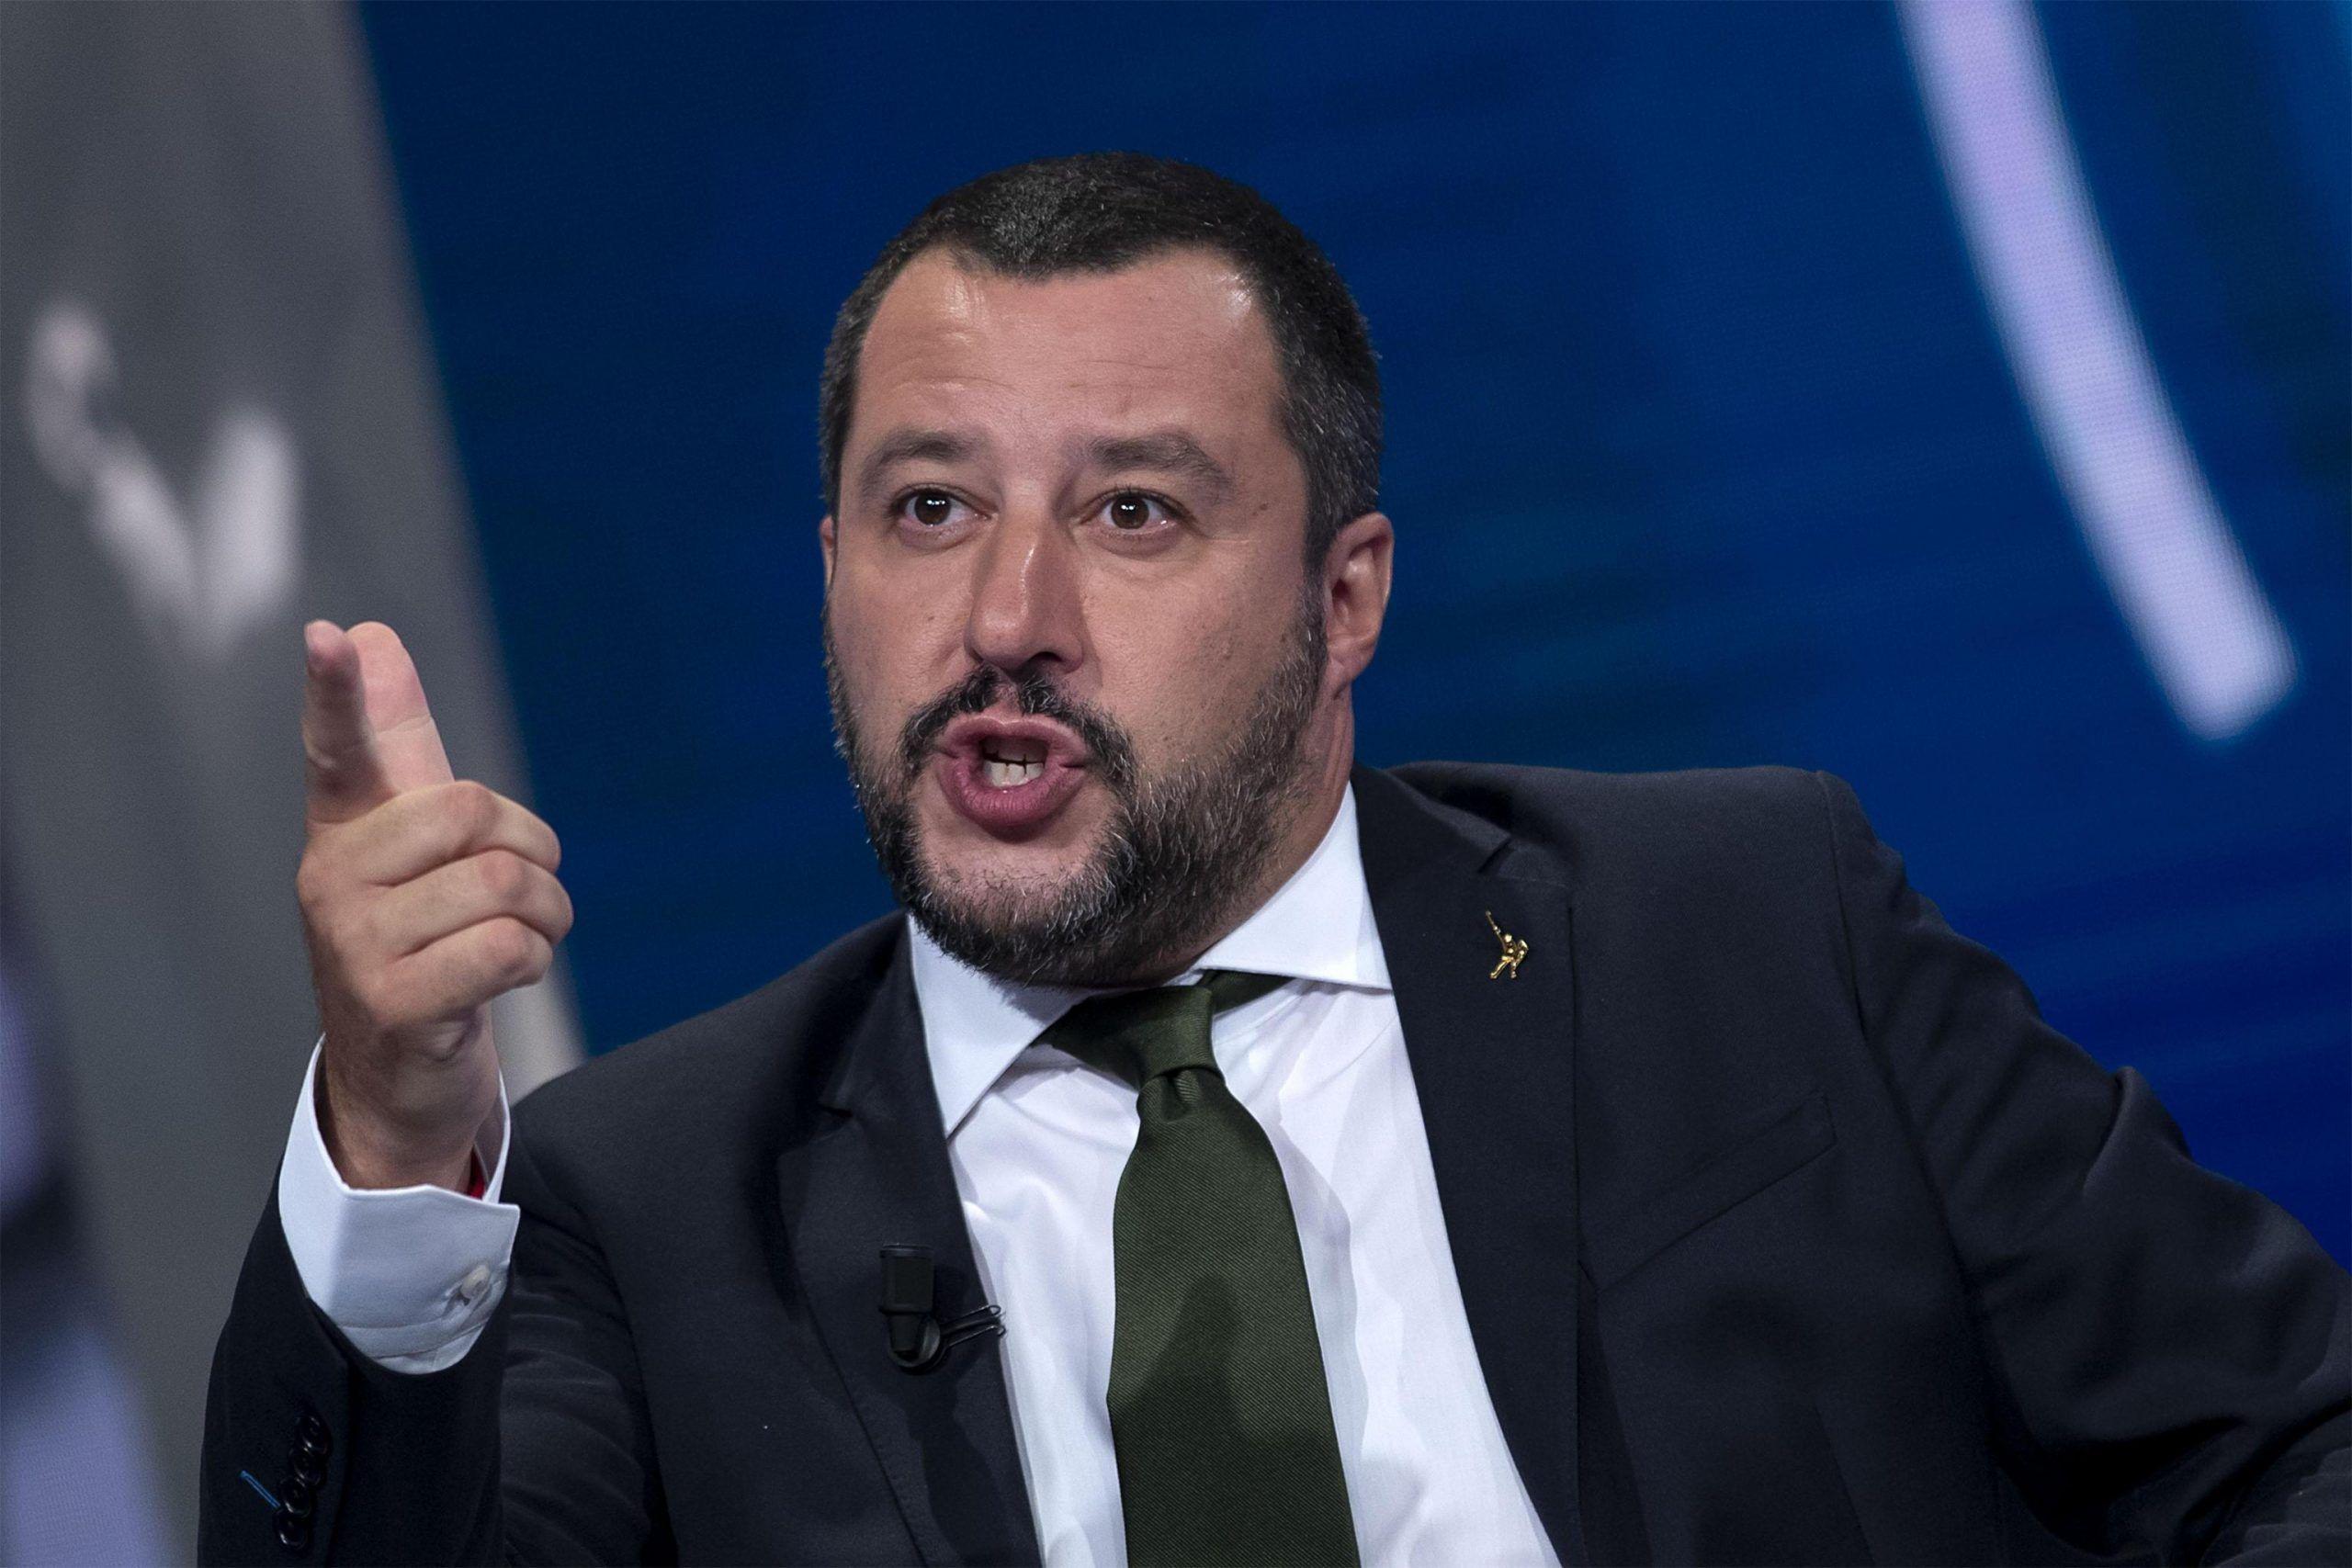 Salvini furioso sentenzia 'Masturbarsi in pubblico torni a essere reato'